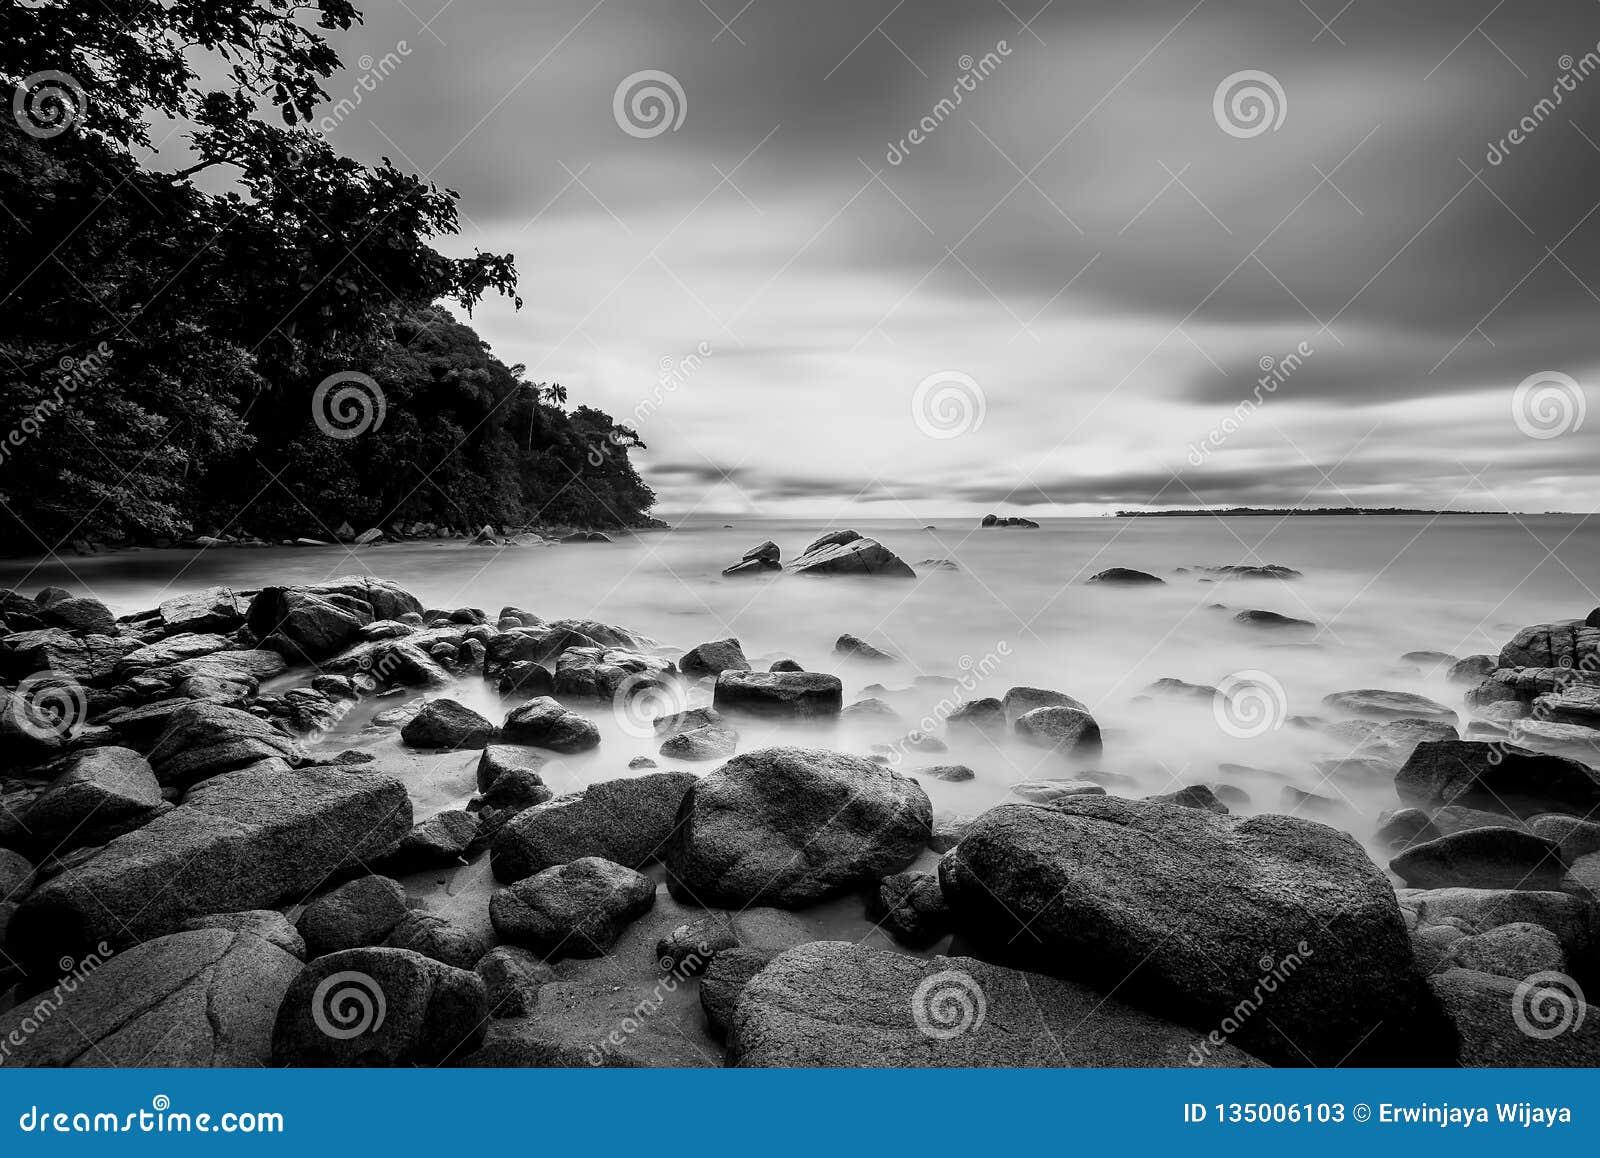 Черно-белые фото на островах Batam Bintan